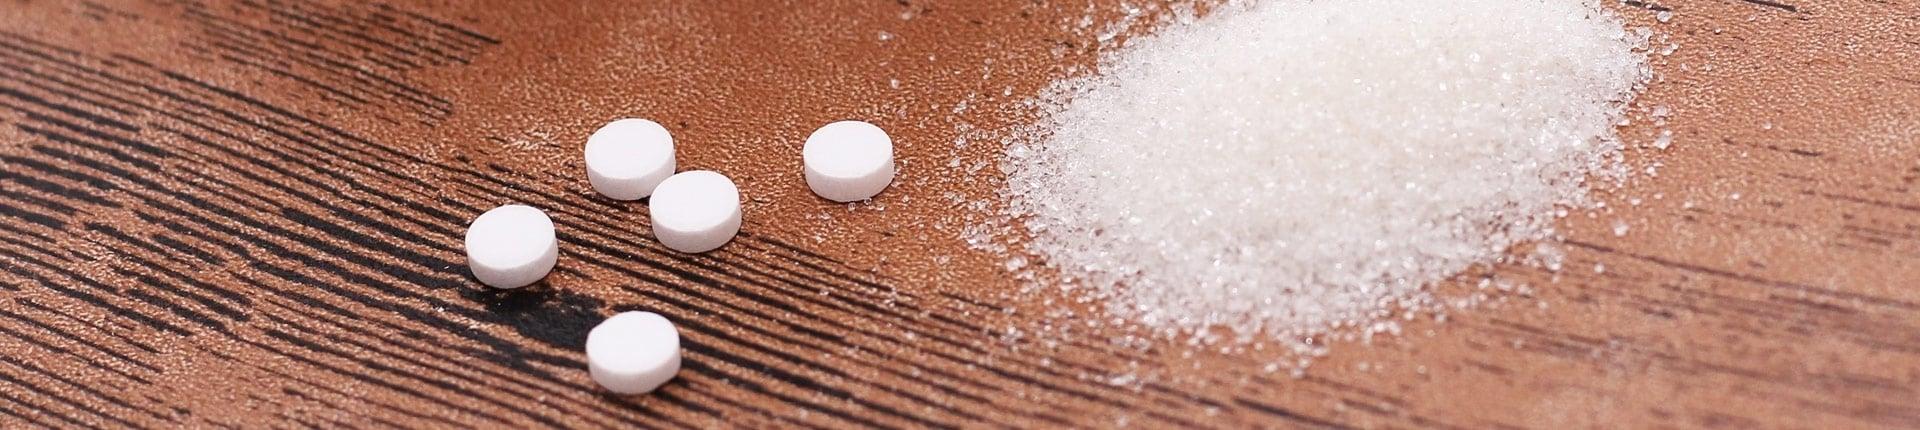 Czy sukraloza jest bezpieczna? Wpływ sukralozy na zdrowie